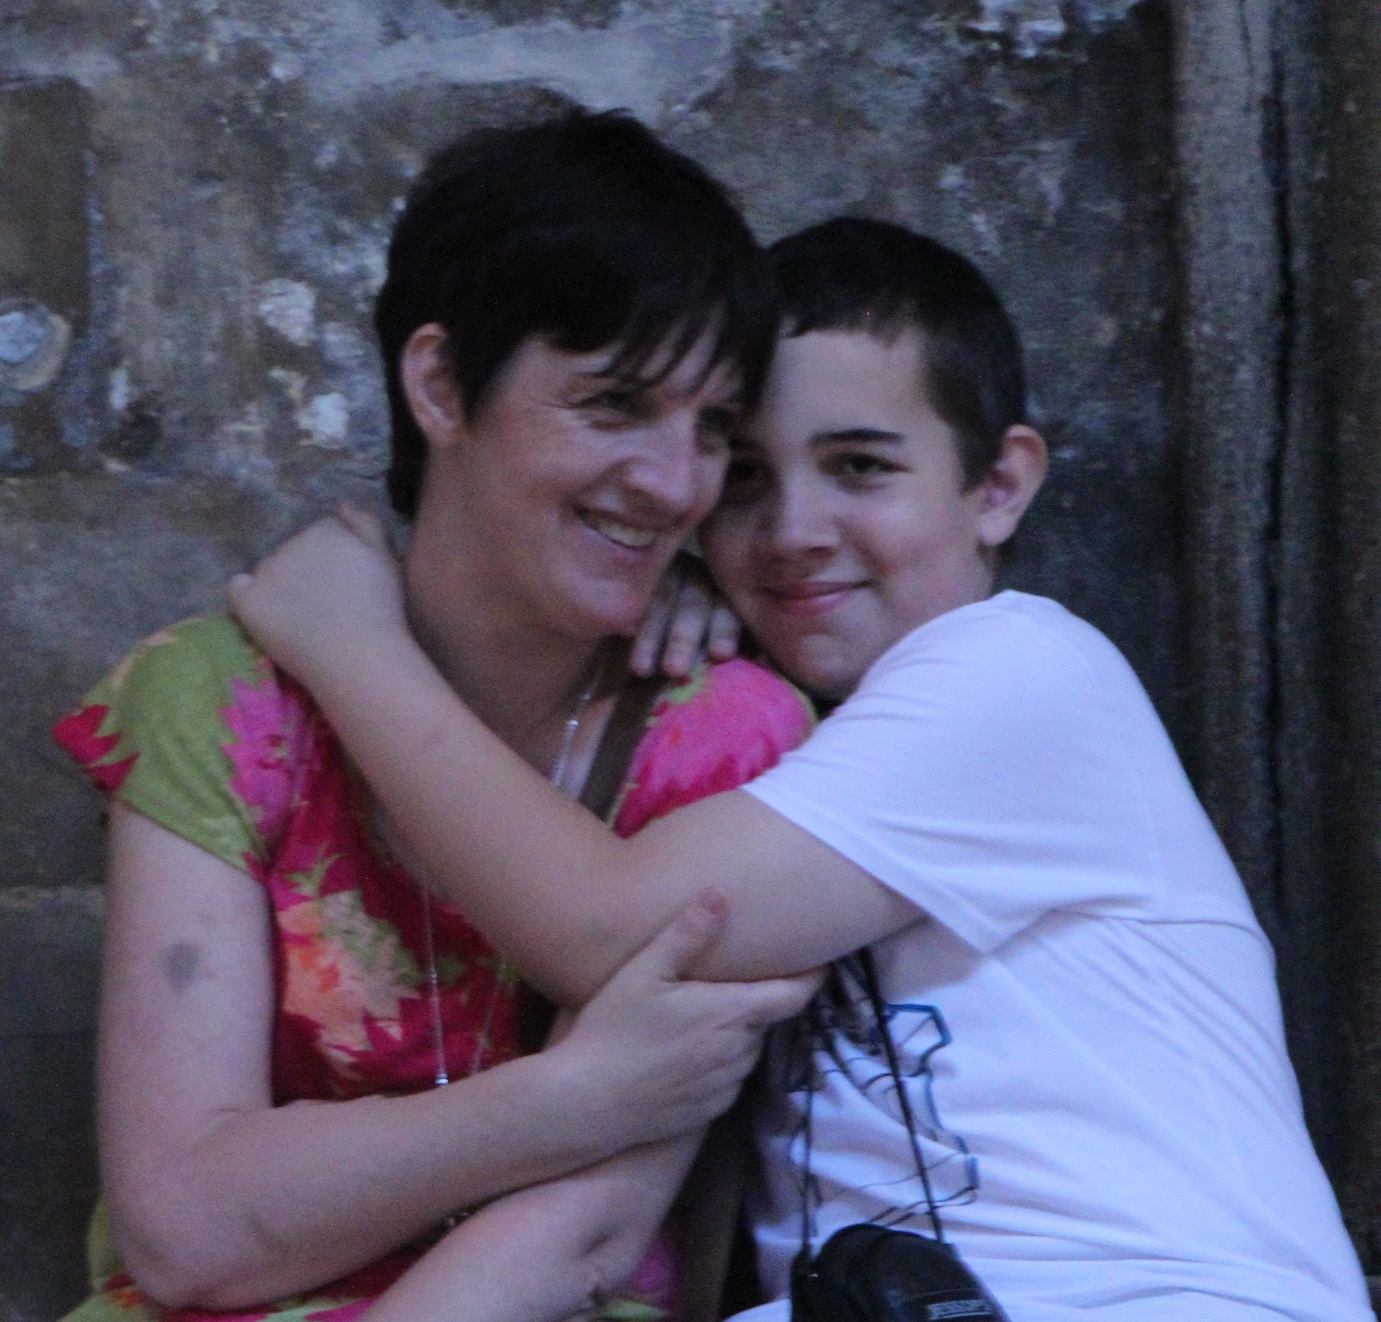 Ben and Karen Glean